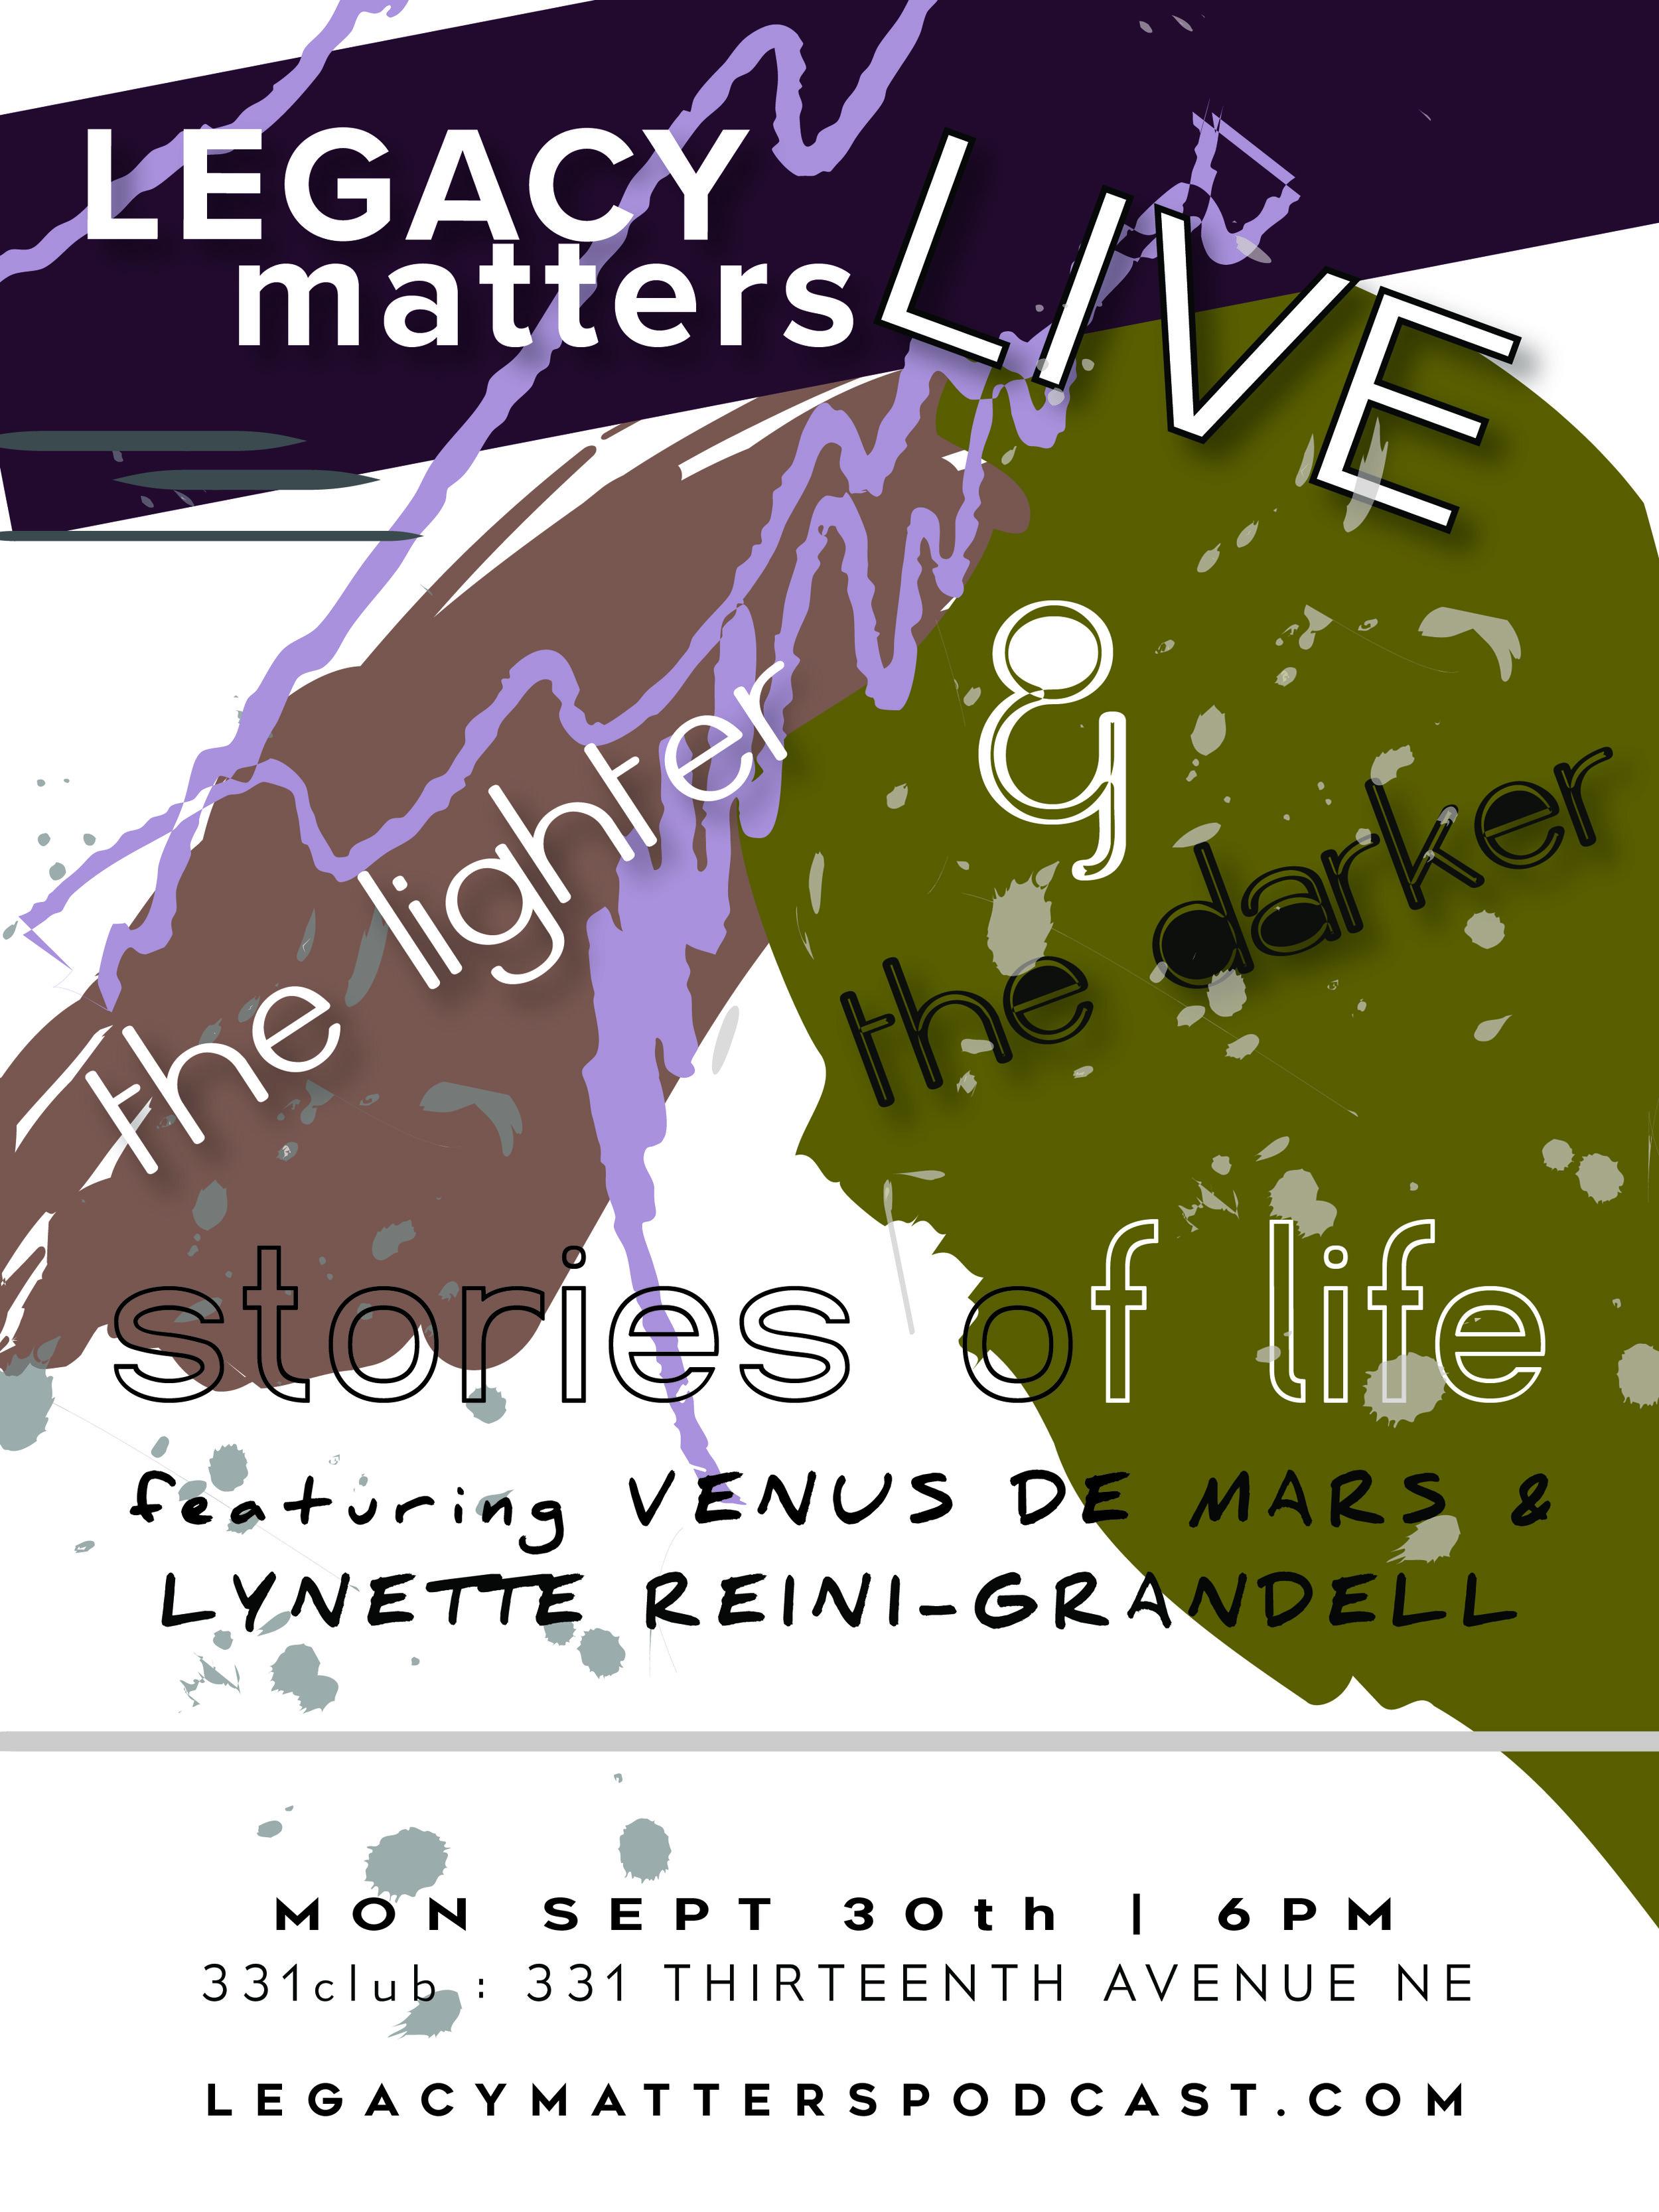 legacy-matters-live-podcast-venus-de-mars-LYNETTE REINI-GRANDELL.jpg